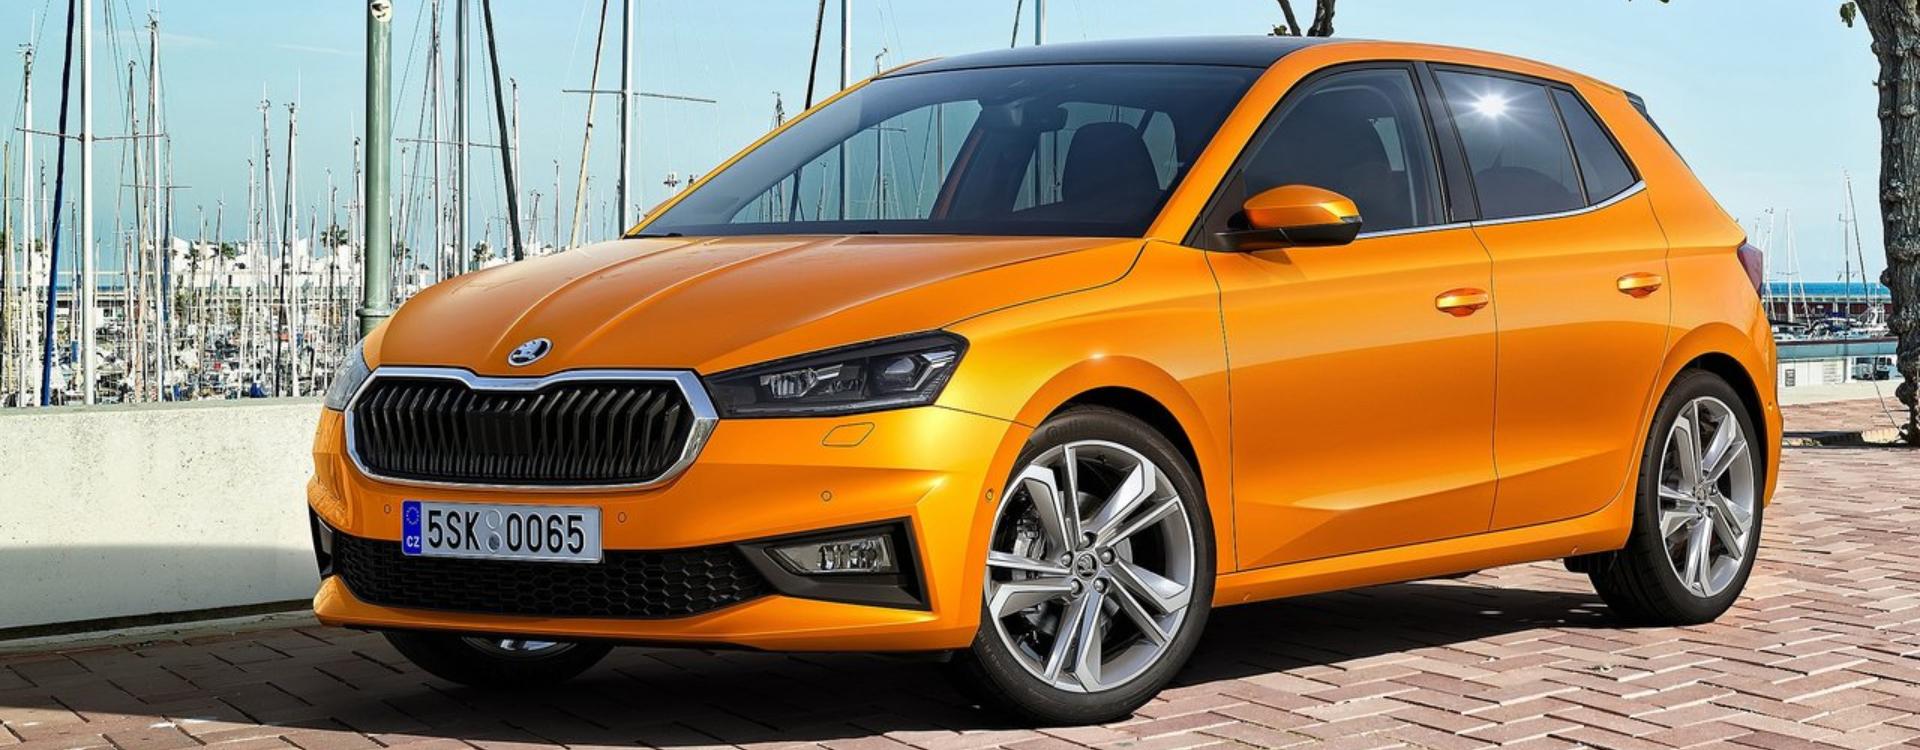 Nuevo Škoda Fabia, un paso más allá en el segmento